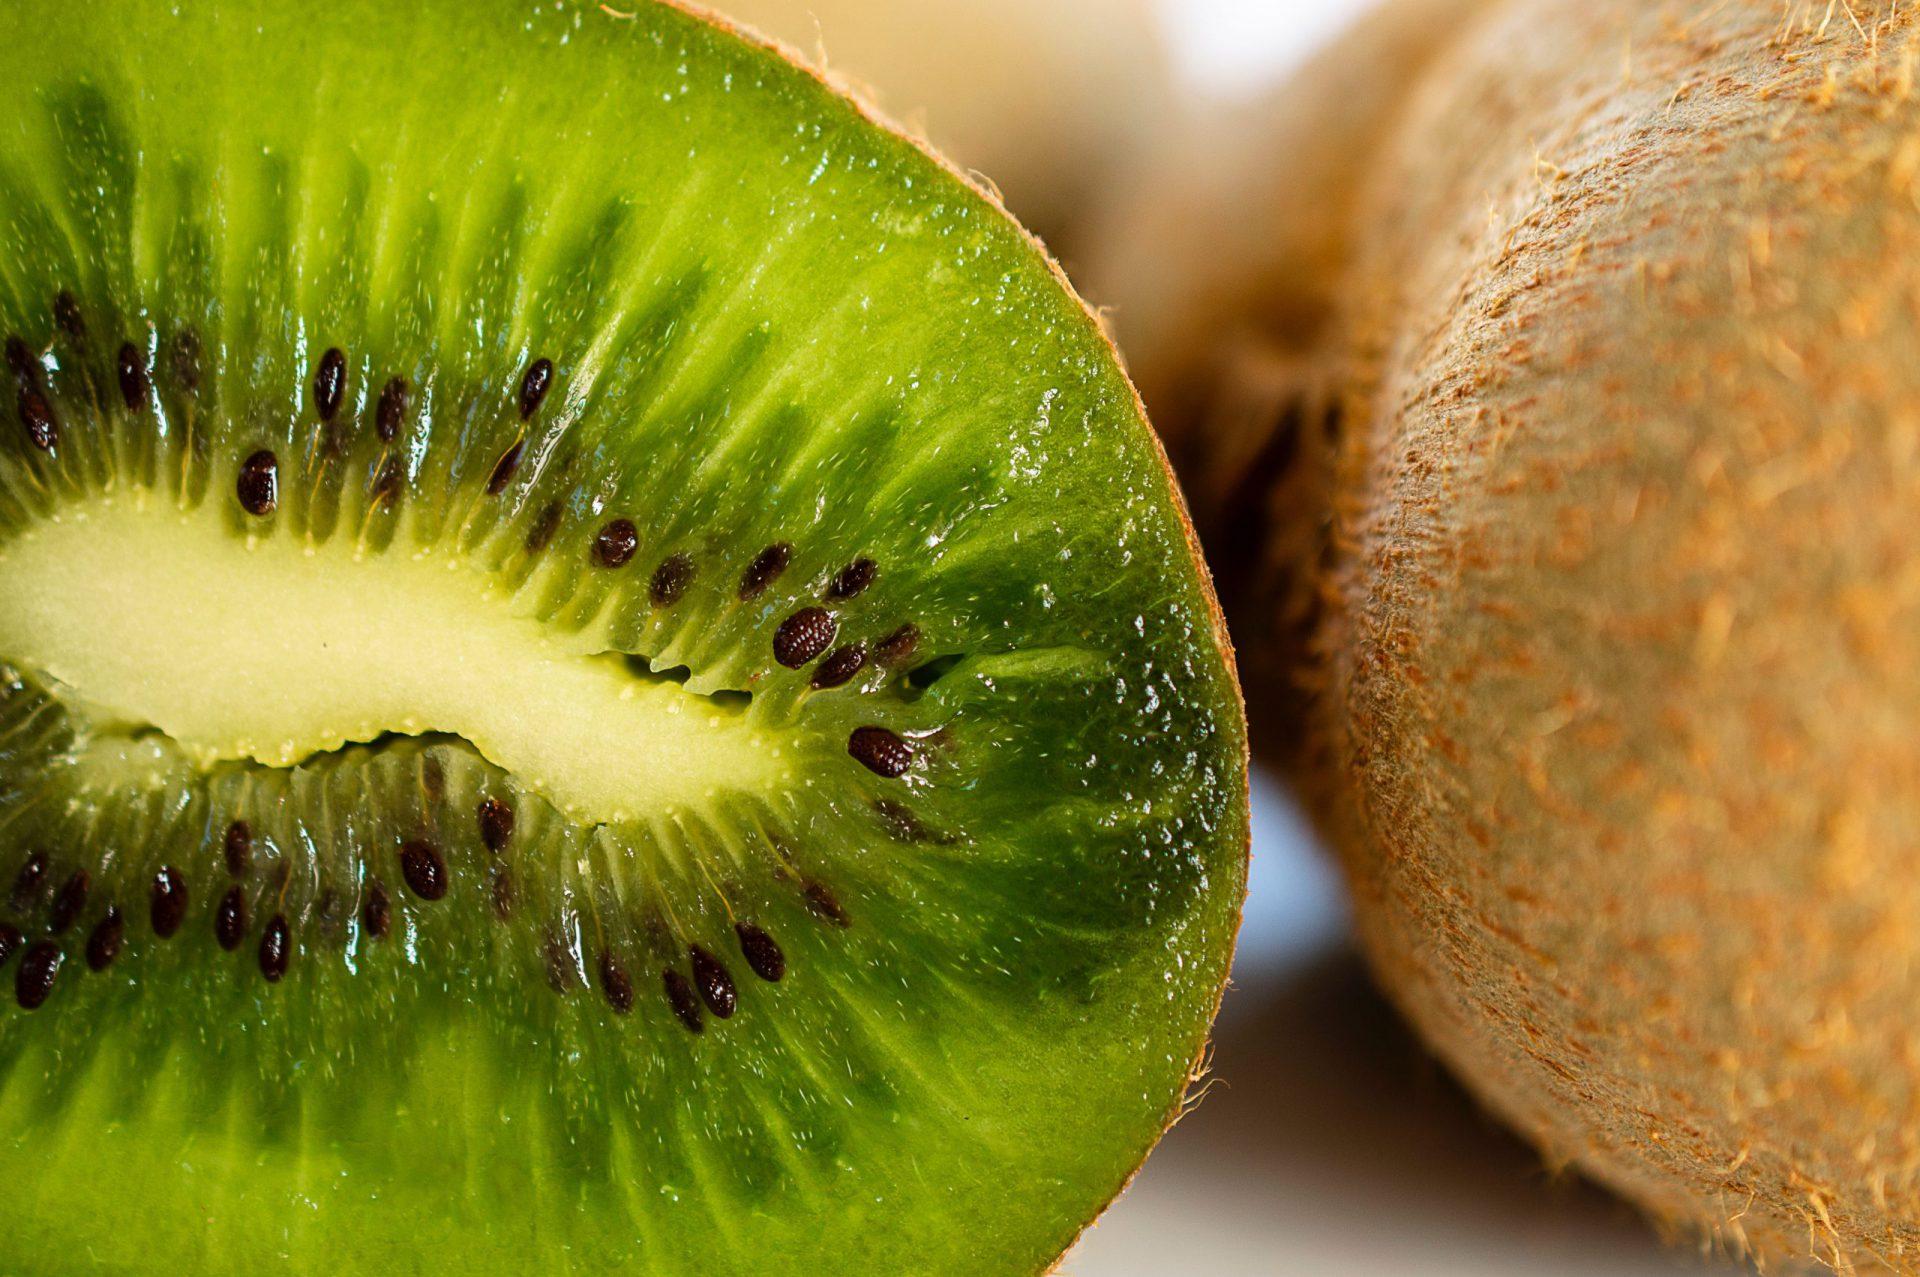 Nahaufnahme einer zerschnittenen Kiwi